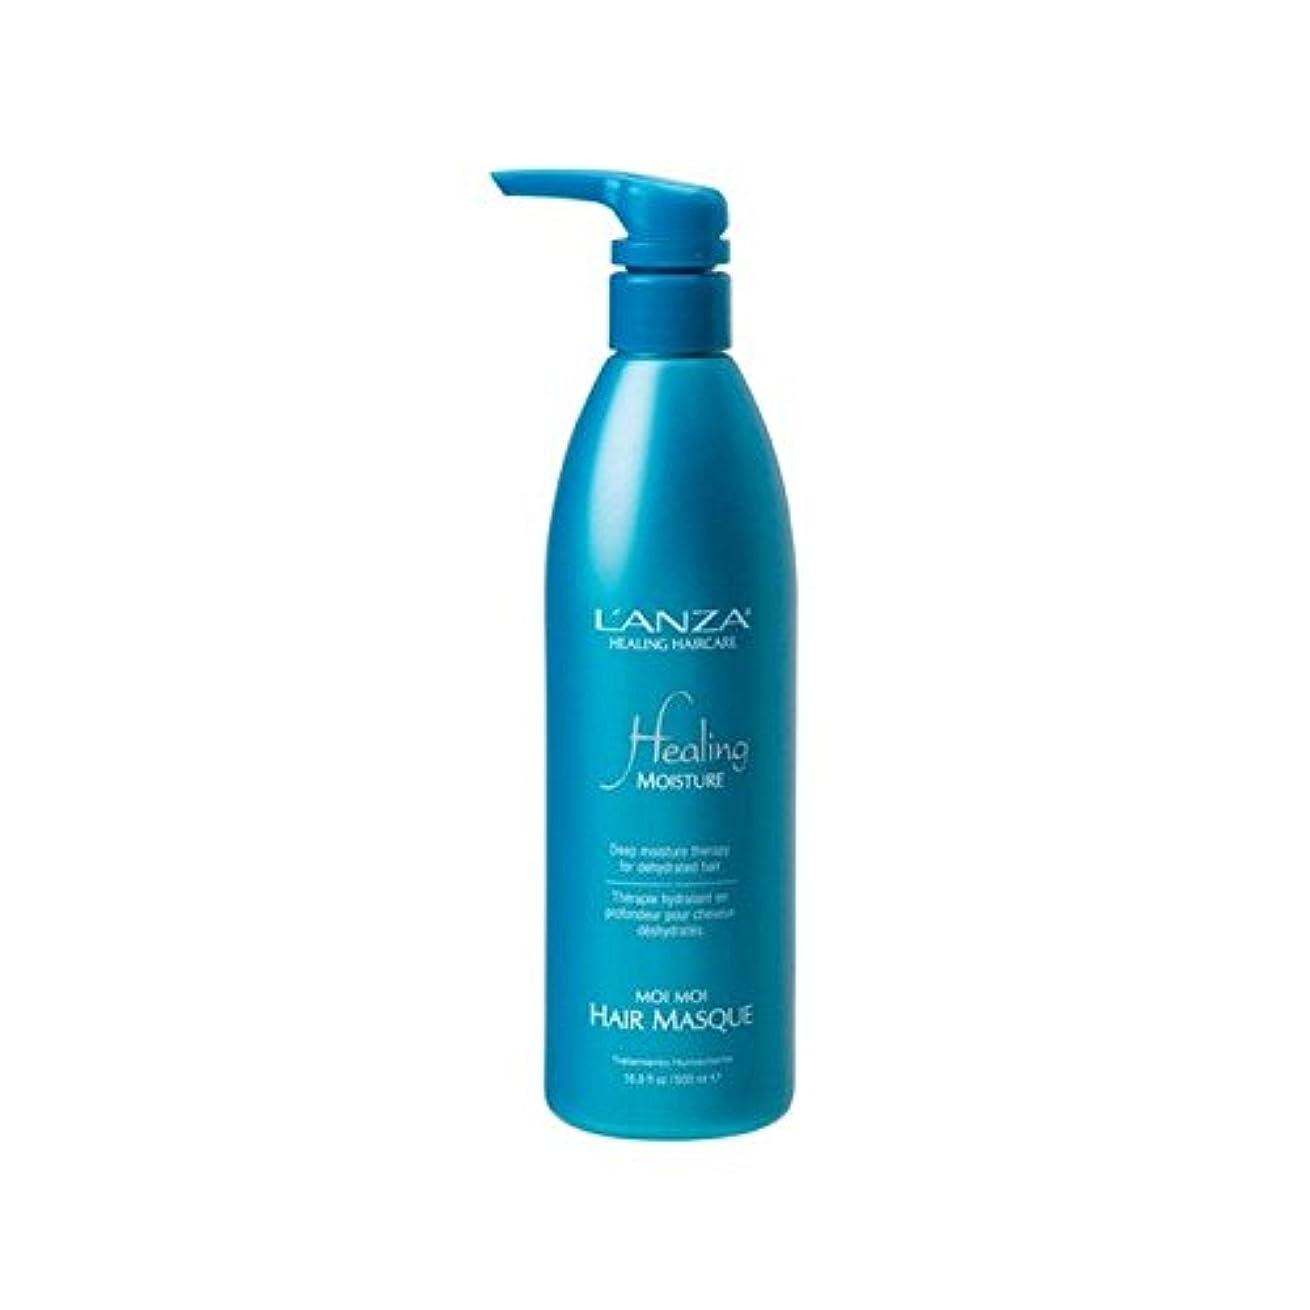 固める掃除ボルトアンザ癒しの水分モイモイヘア仮面劇(500ミリリットル) x4 - L'Anza Healing Moisture Moi Moi Hair Masque (500ml) (Pack of 4) [並行輸入品]